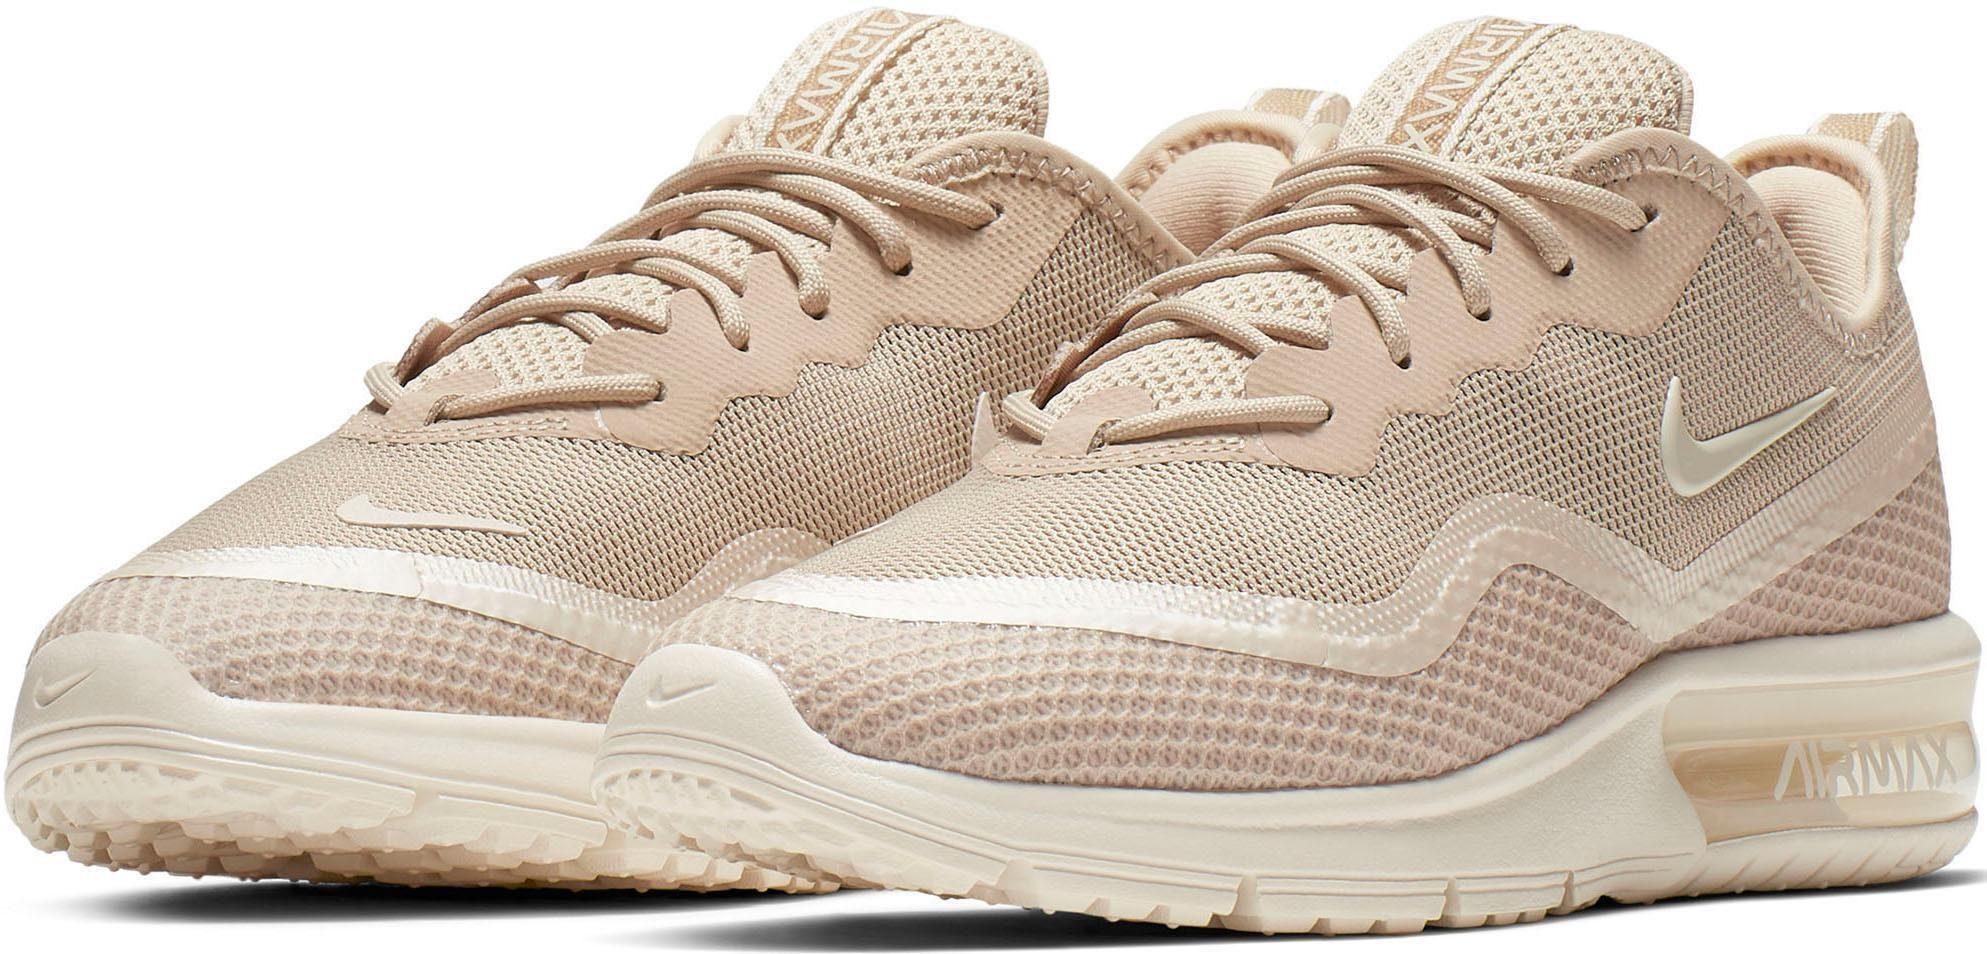 Nike Sportswear »Wmns Air Max Sequent 4.5 SE« Sneaker online kaufen   OTTO